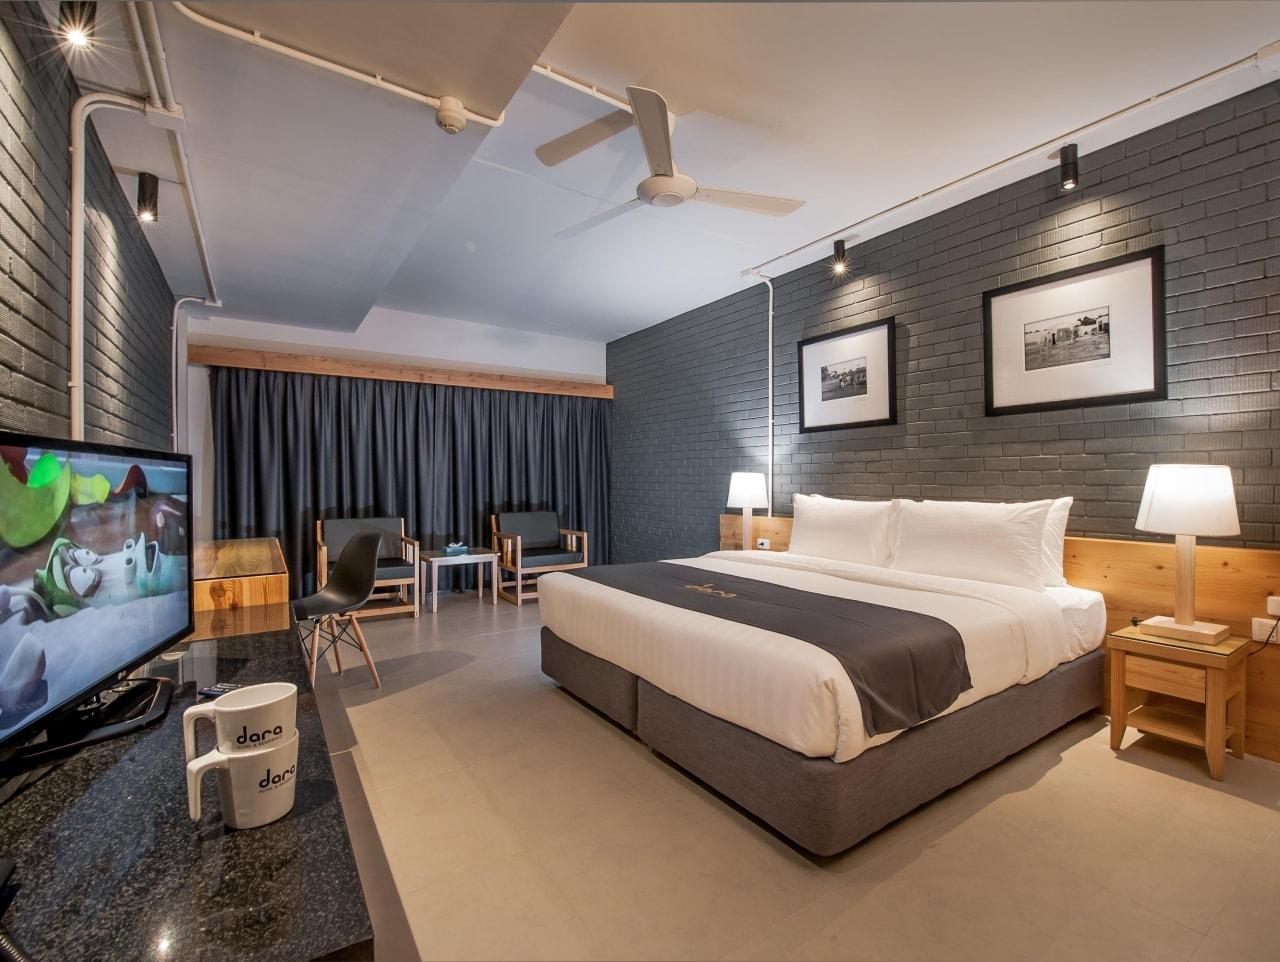 10 ที่พักภูเก็ตในตัวเมือง มีสระว่ายน้ํา งบไม่เกิน 1,000 บาท!